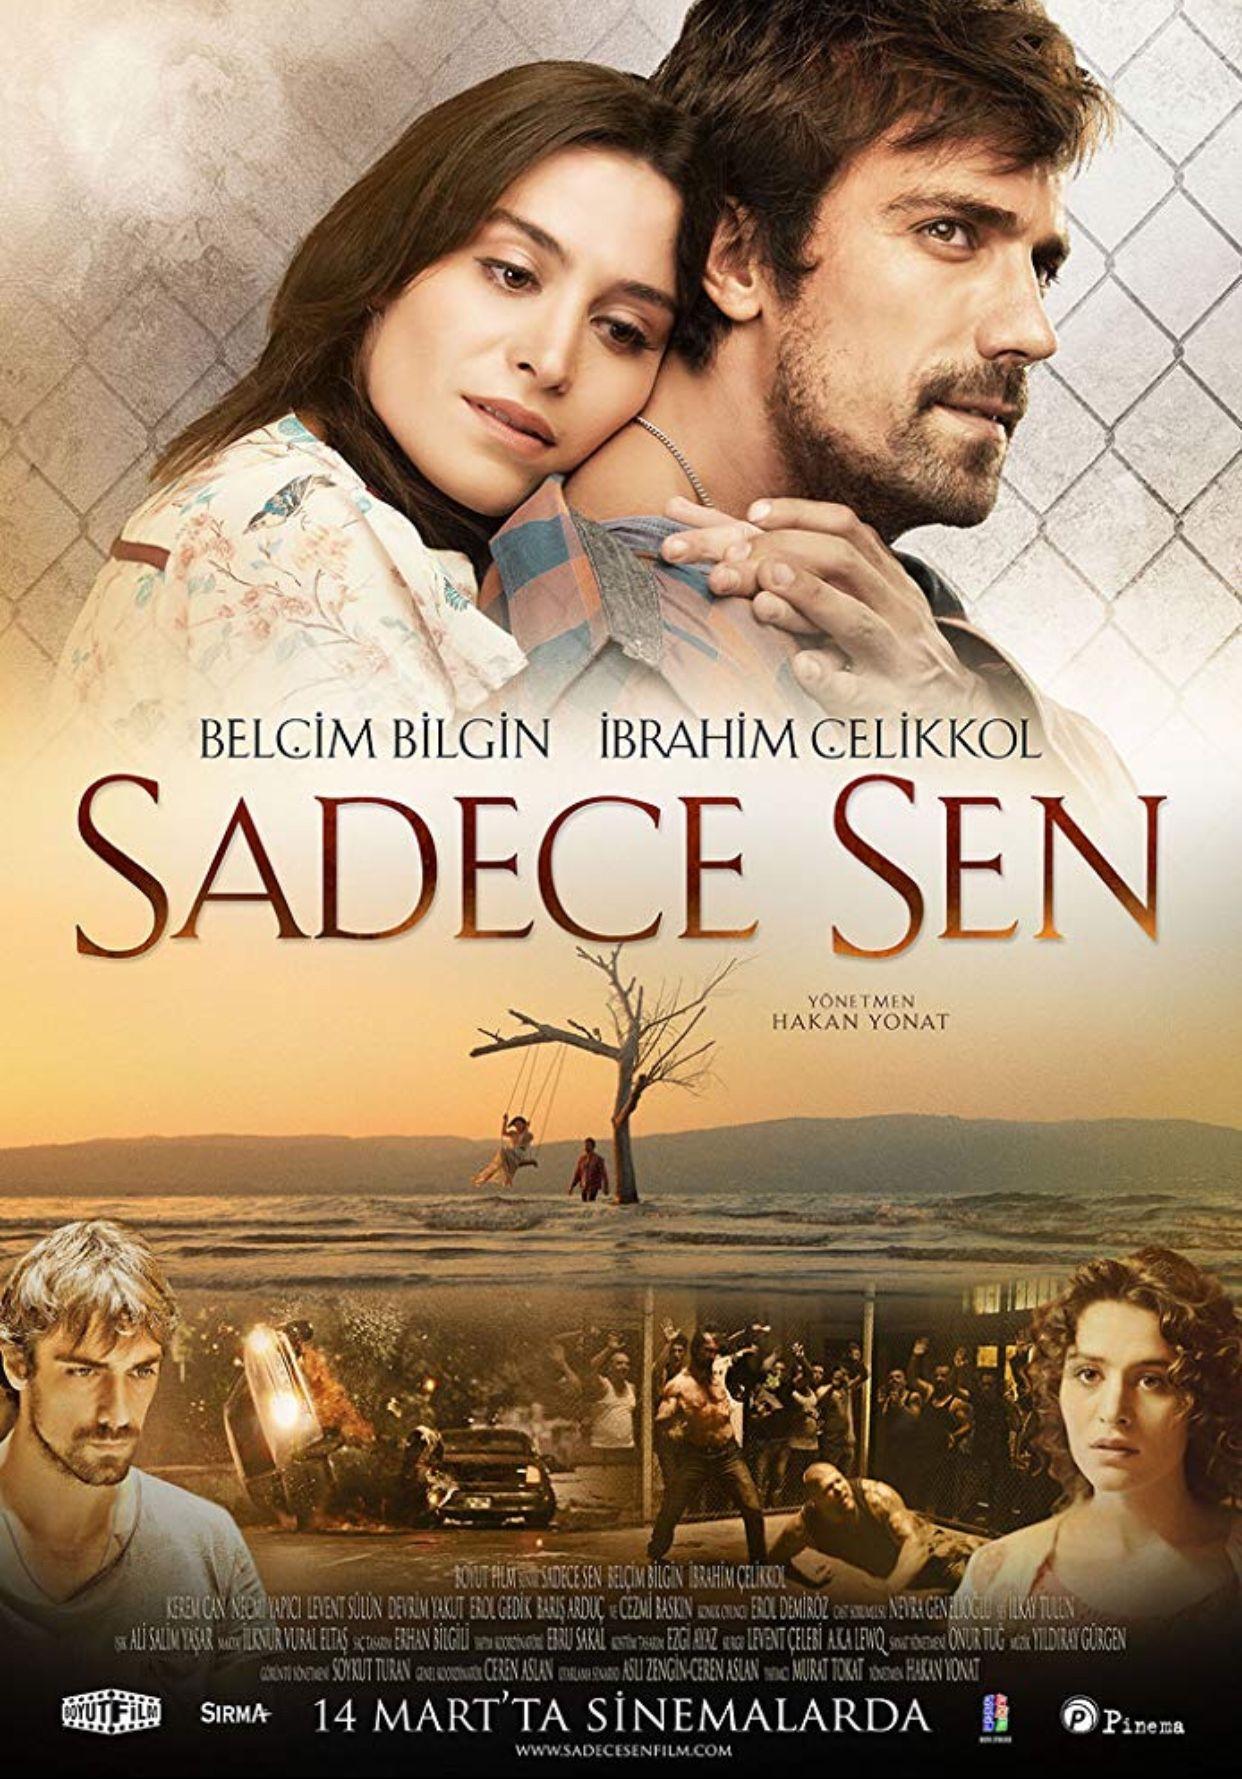 Sadece Sen Solo Tu Indie Movie Posters Full Movies Online Free Full Movies